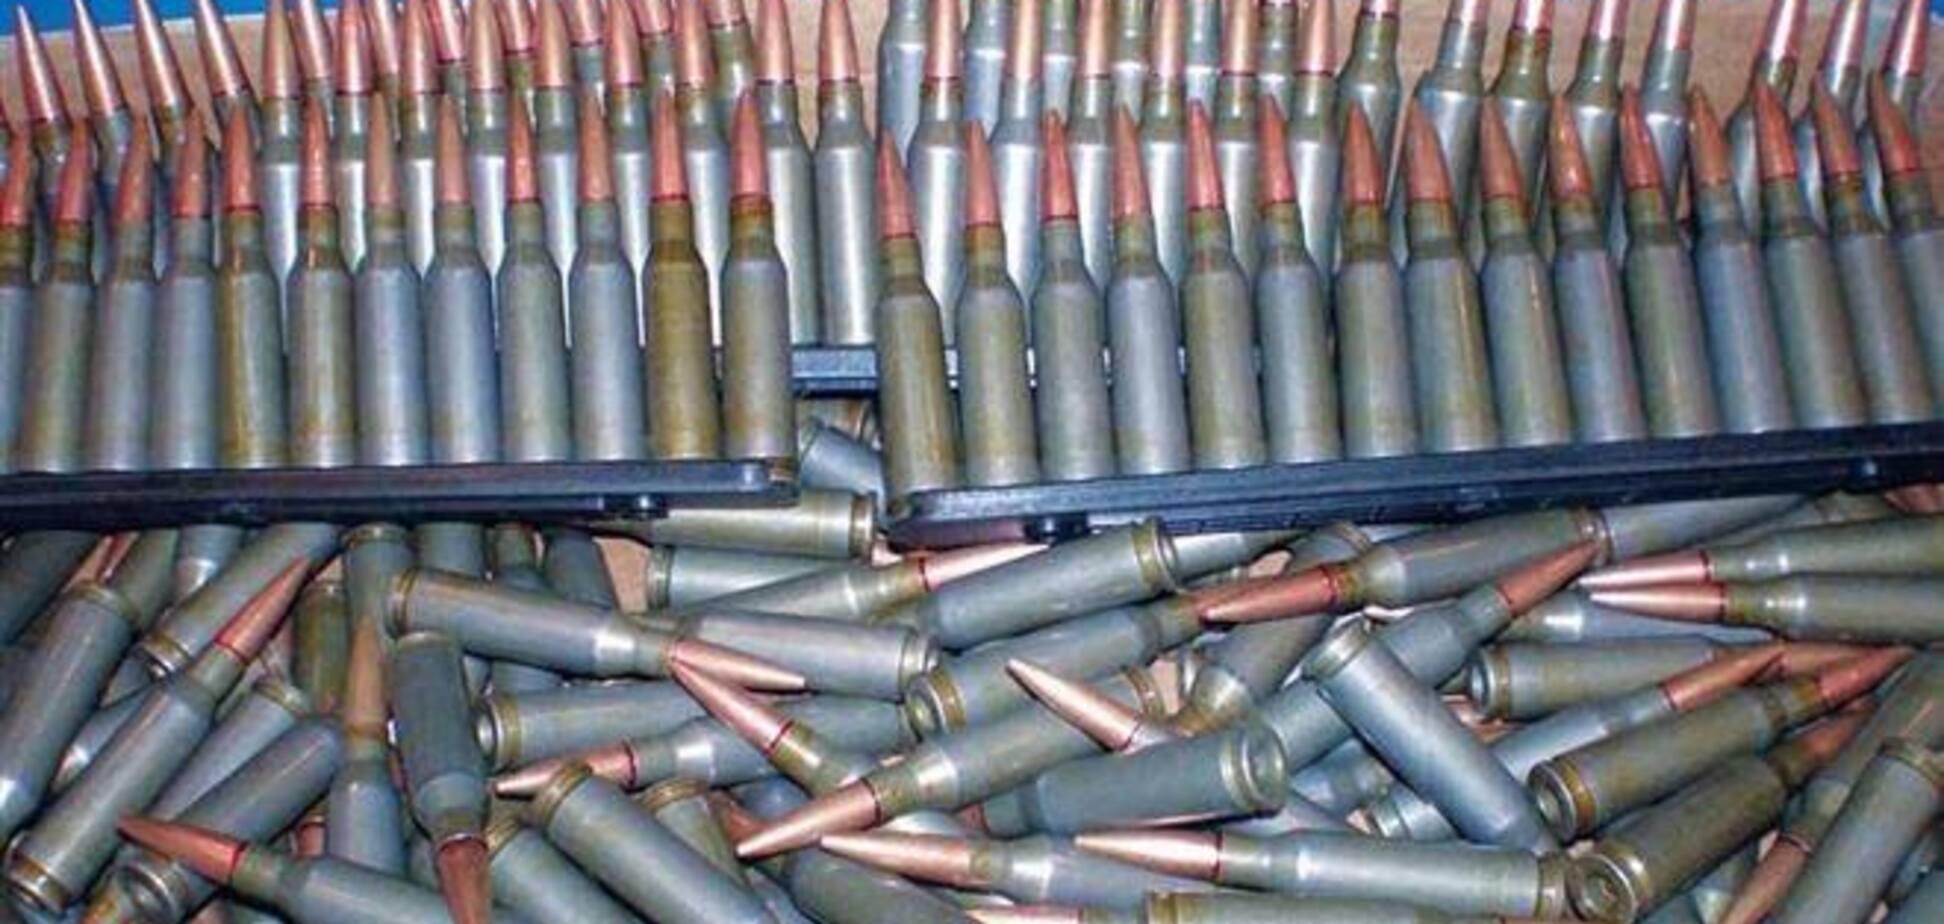 Тымчук сообщил, что Украина продолжает вооружение России